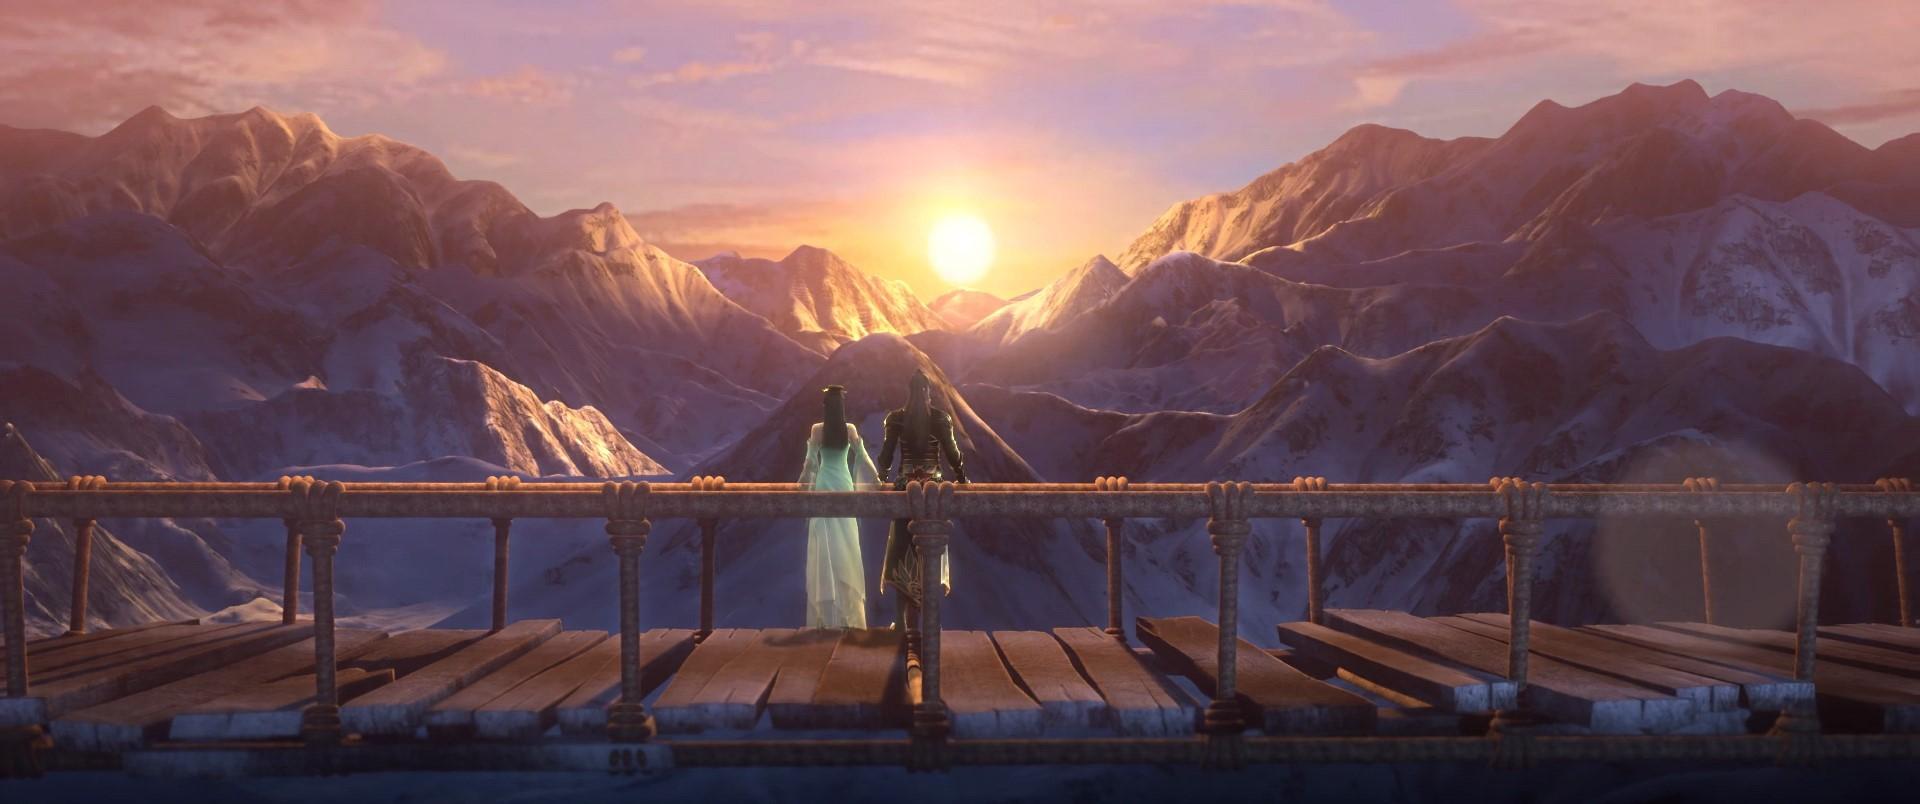 《雪鹰领主》第2季3月4日起直通大结局,东伯雪鹰打戏精彩升级